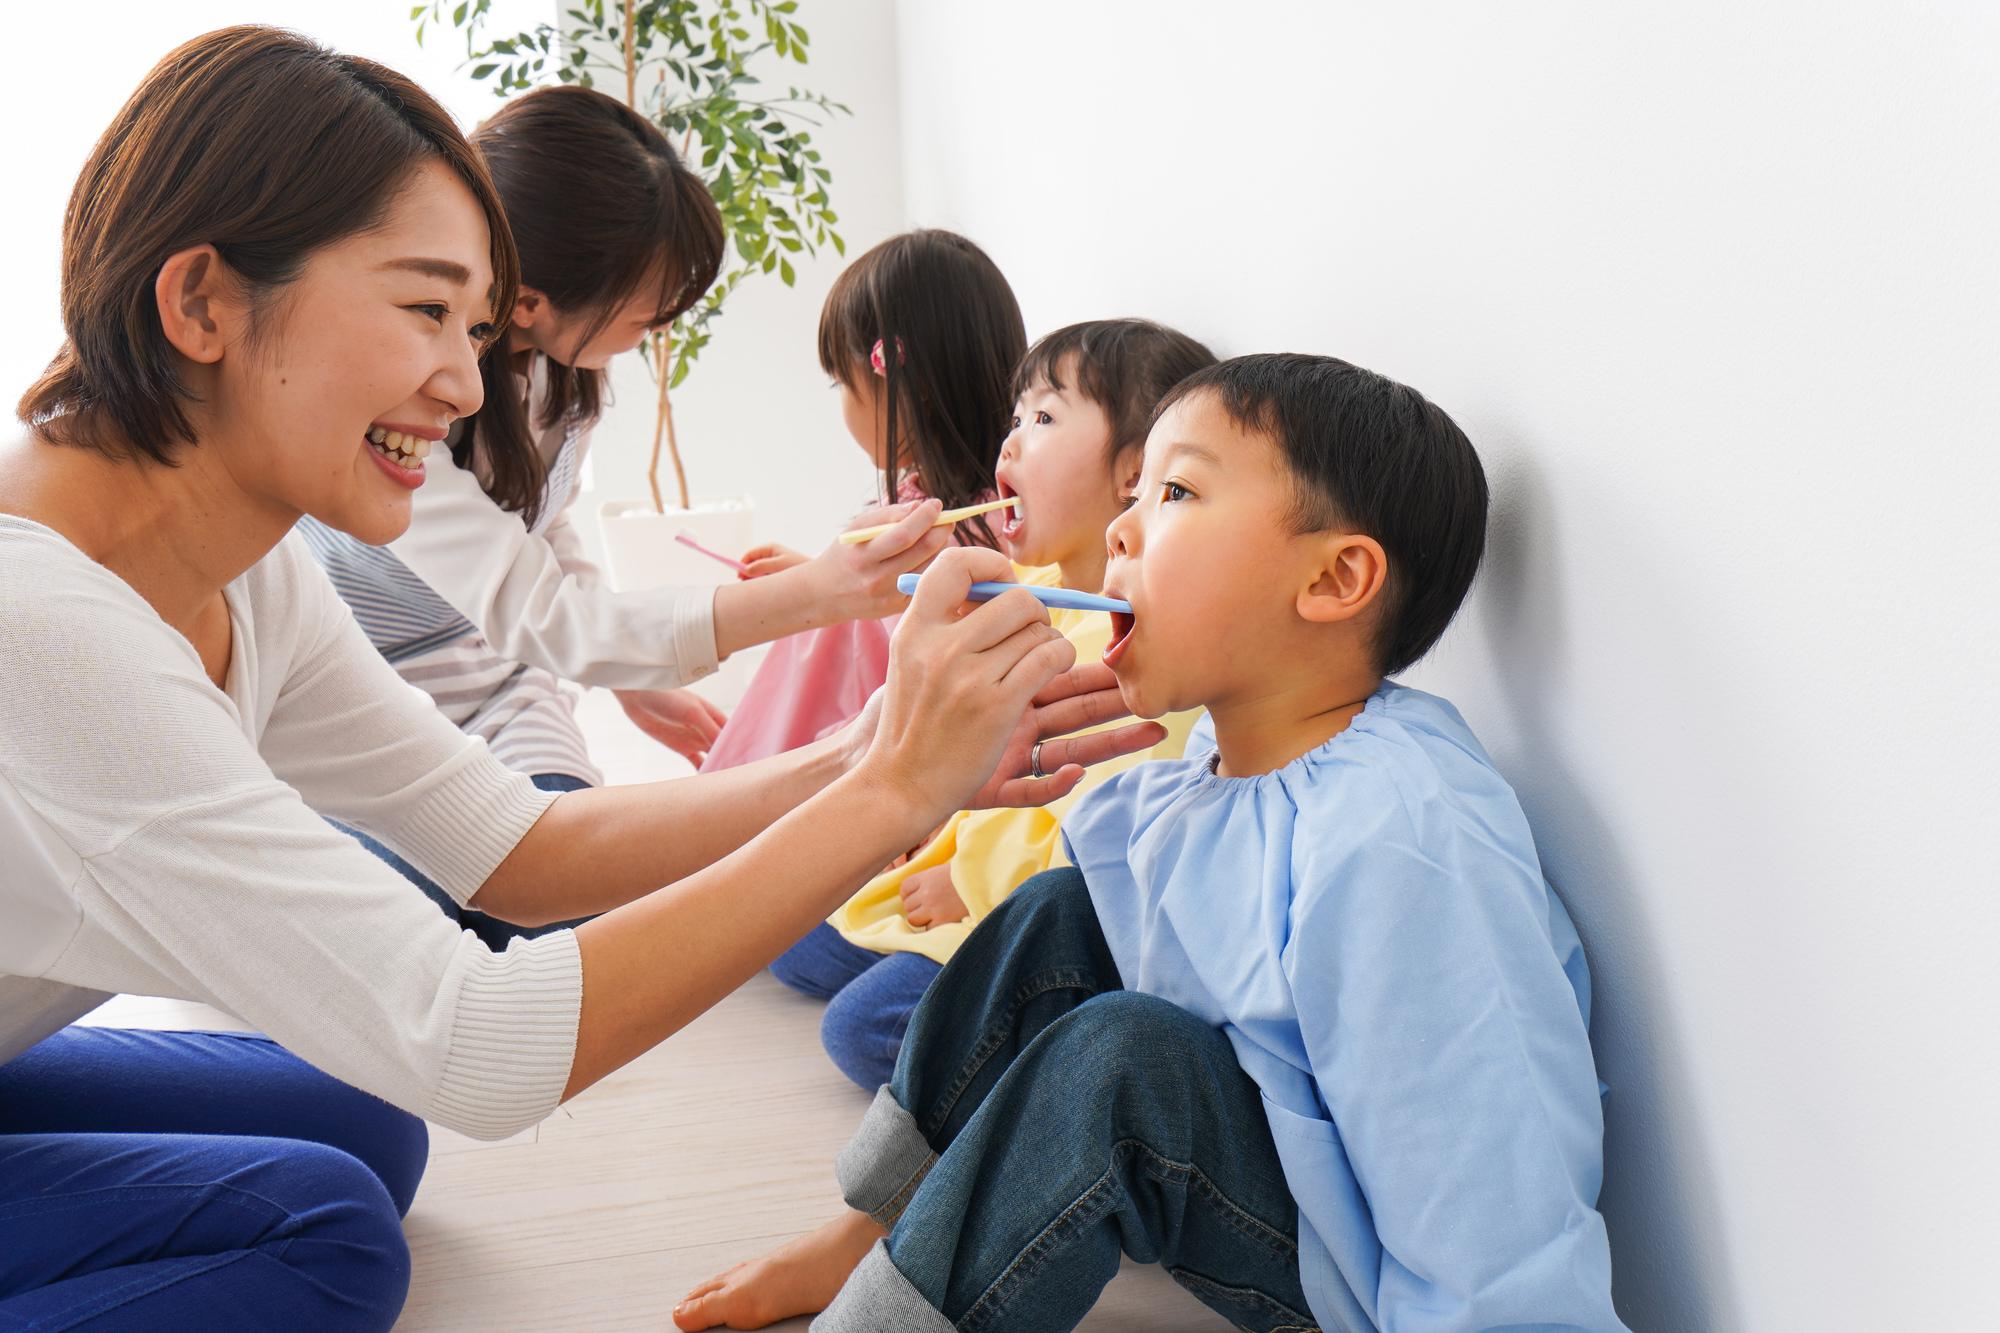 保育園の歯磨き指導のすすめ方|ねらいと新しい生活様式での注意点